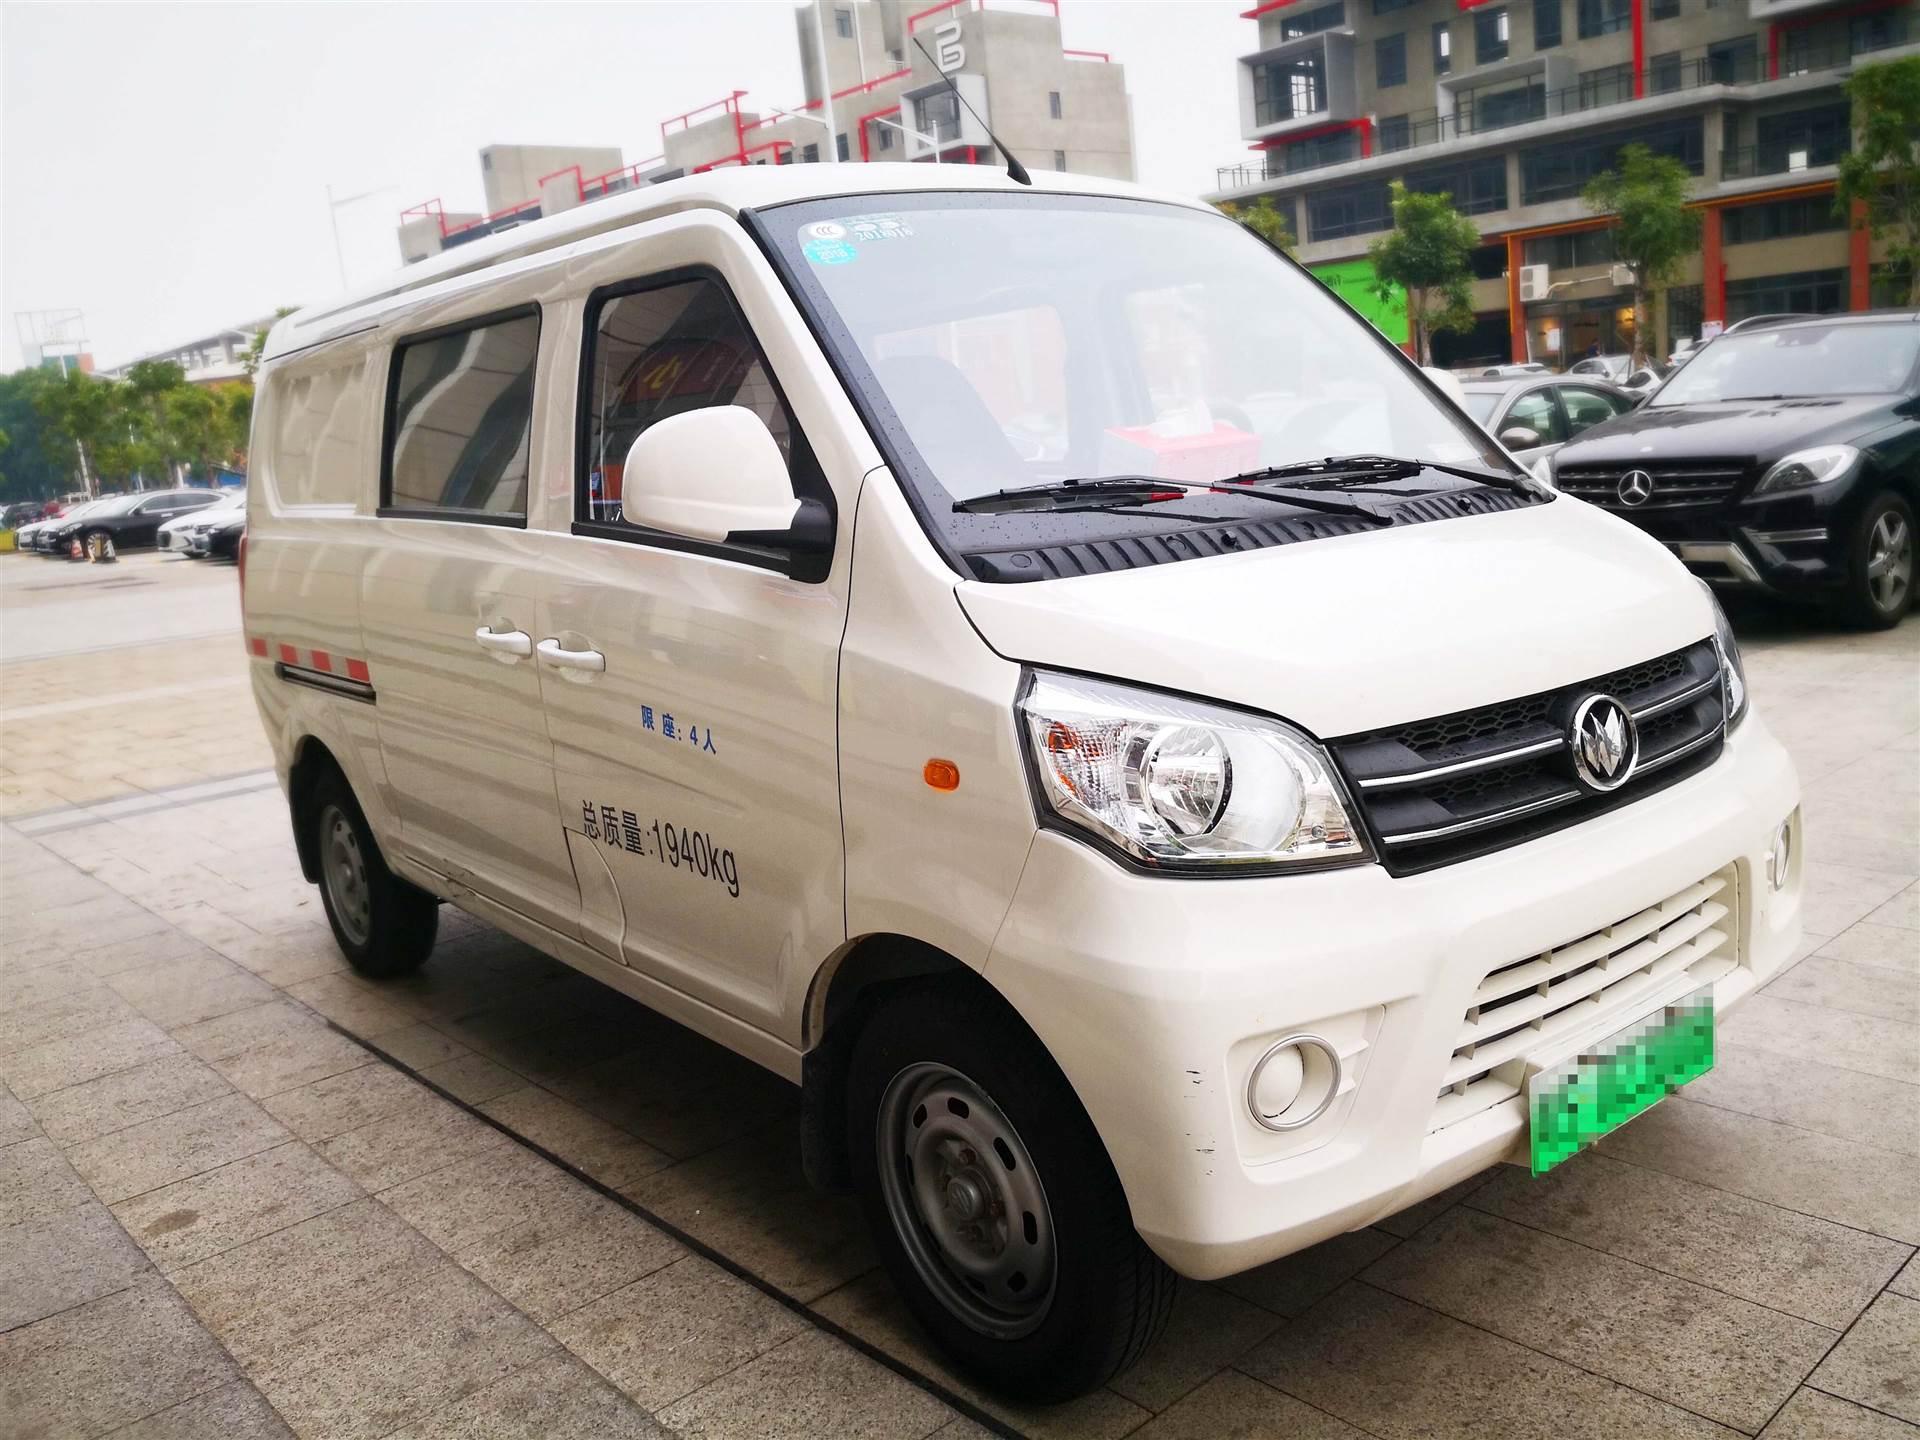 东莞0首付购买,东莞寮步新能源物流车租售,广东倍安新能源